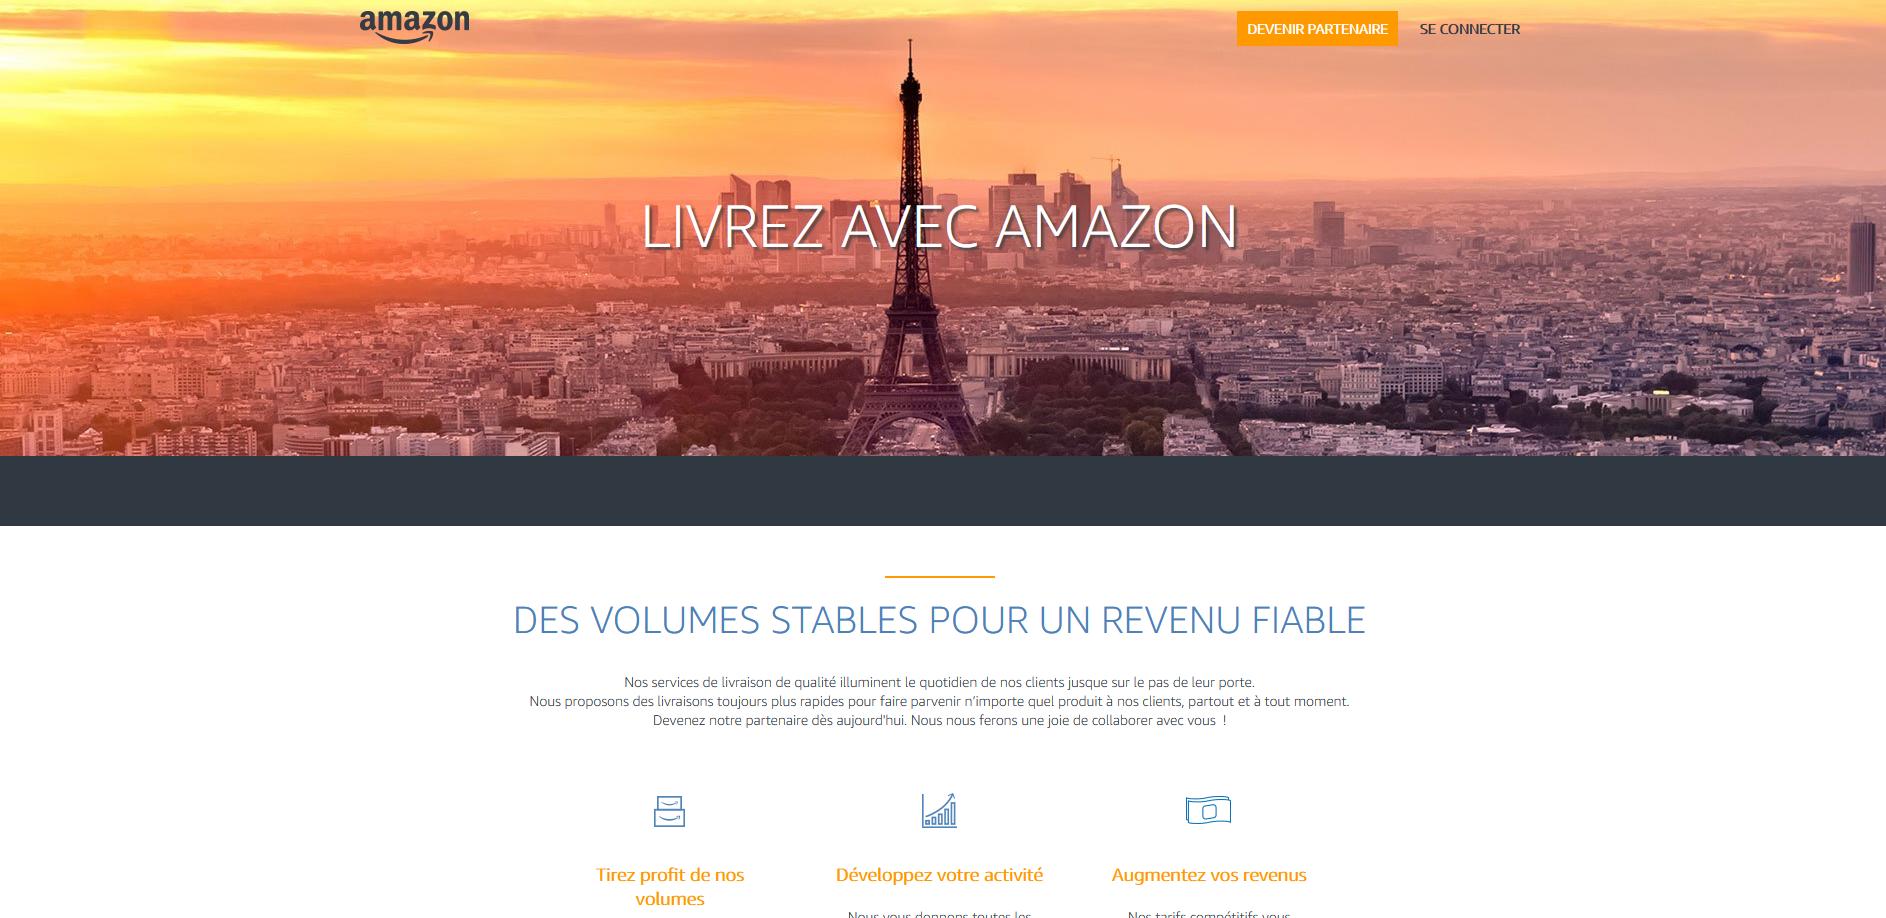 Gagner de l'argent en livrant les colis Amazon - Développer votre entreprise de transport